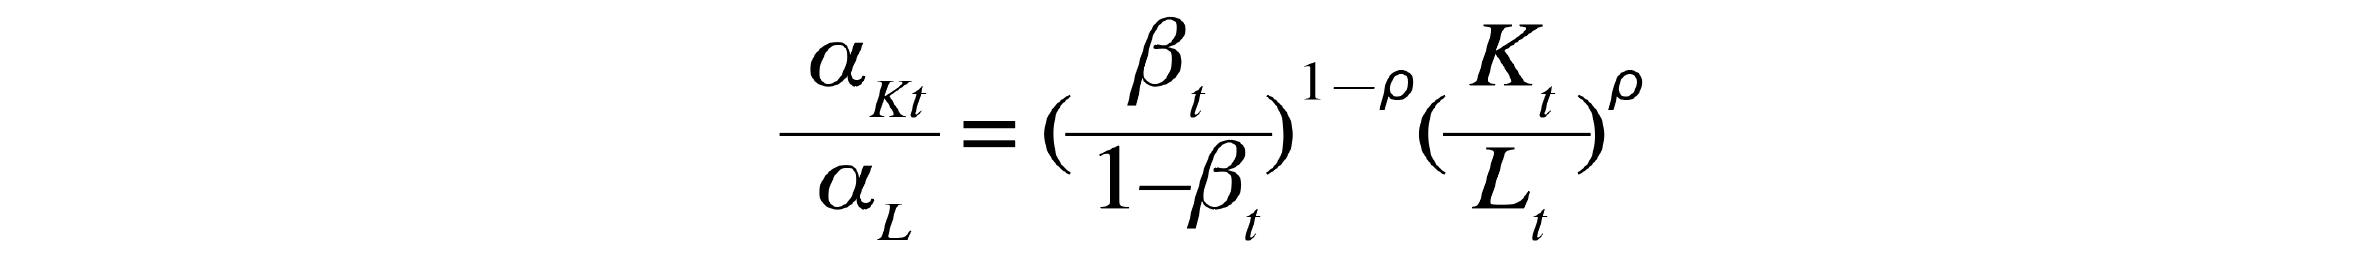 BBVA-OpenMind-Trabajo-Art 1-Formulas--15